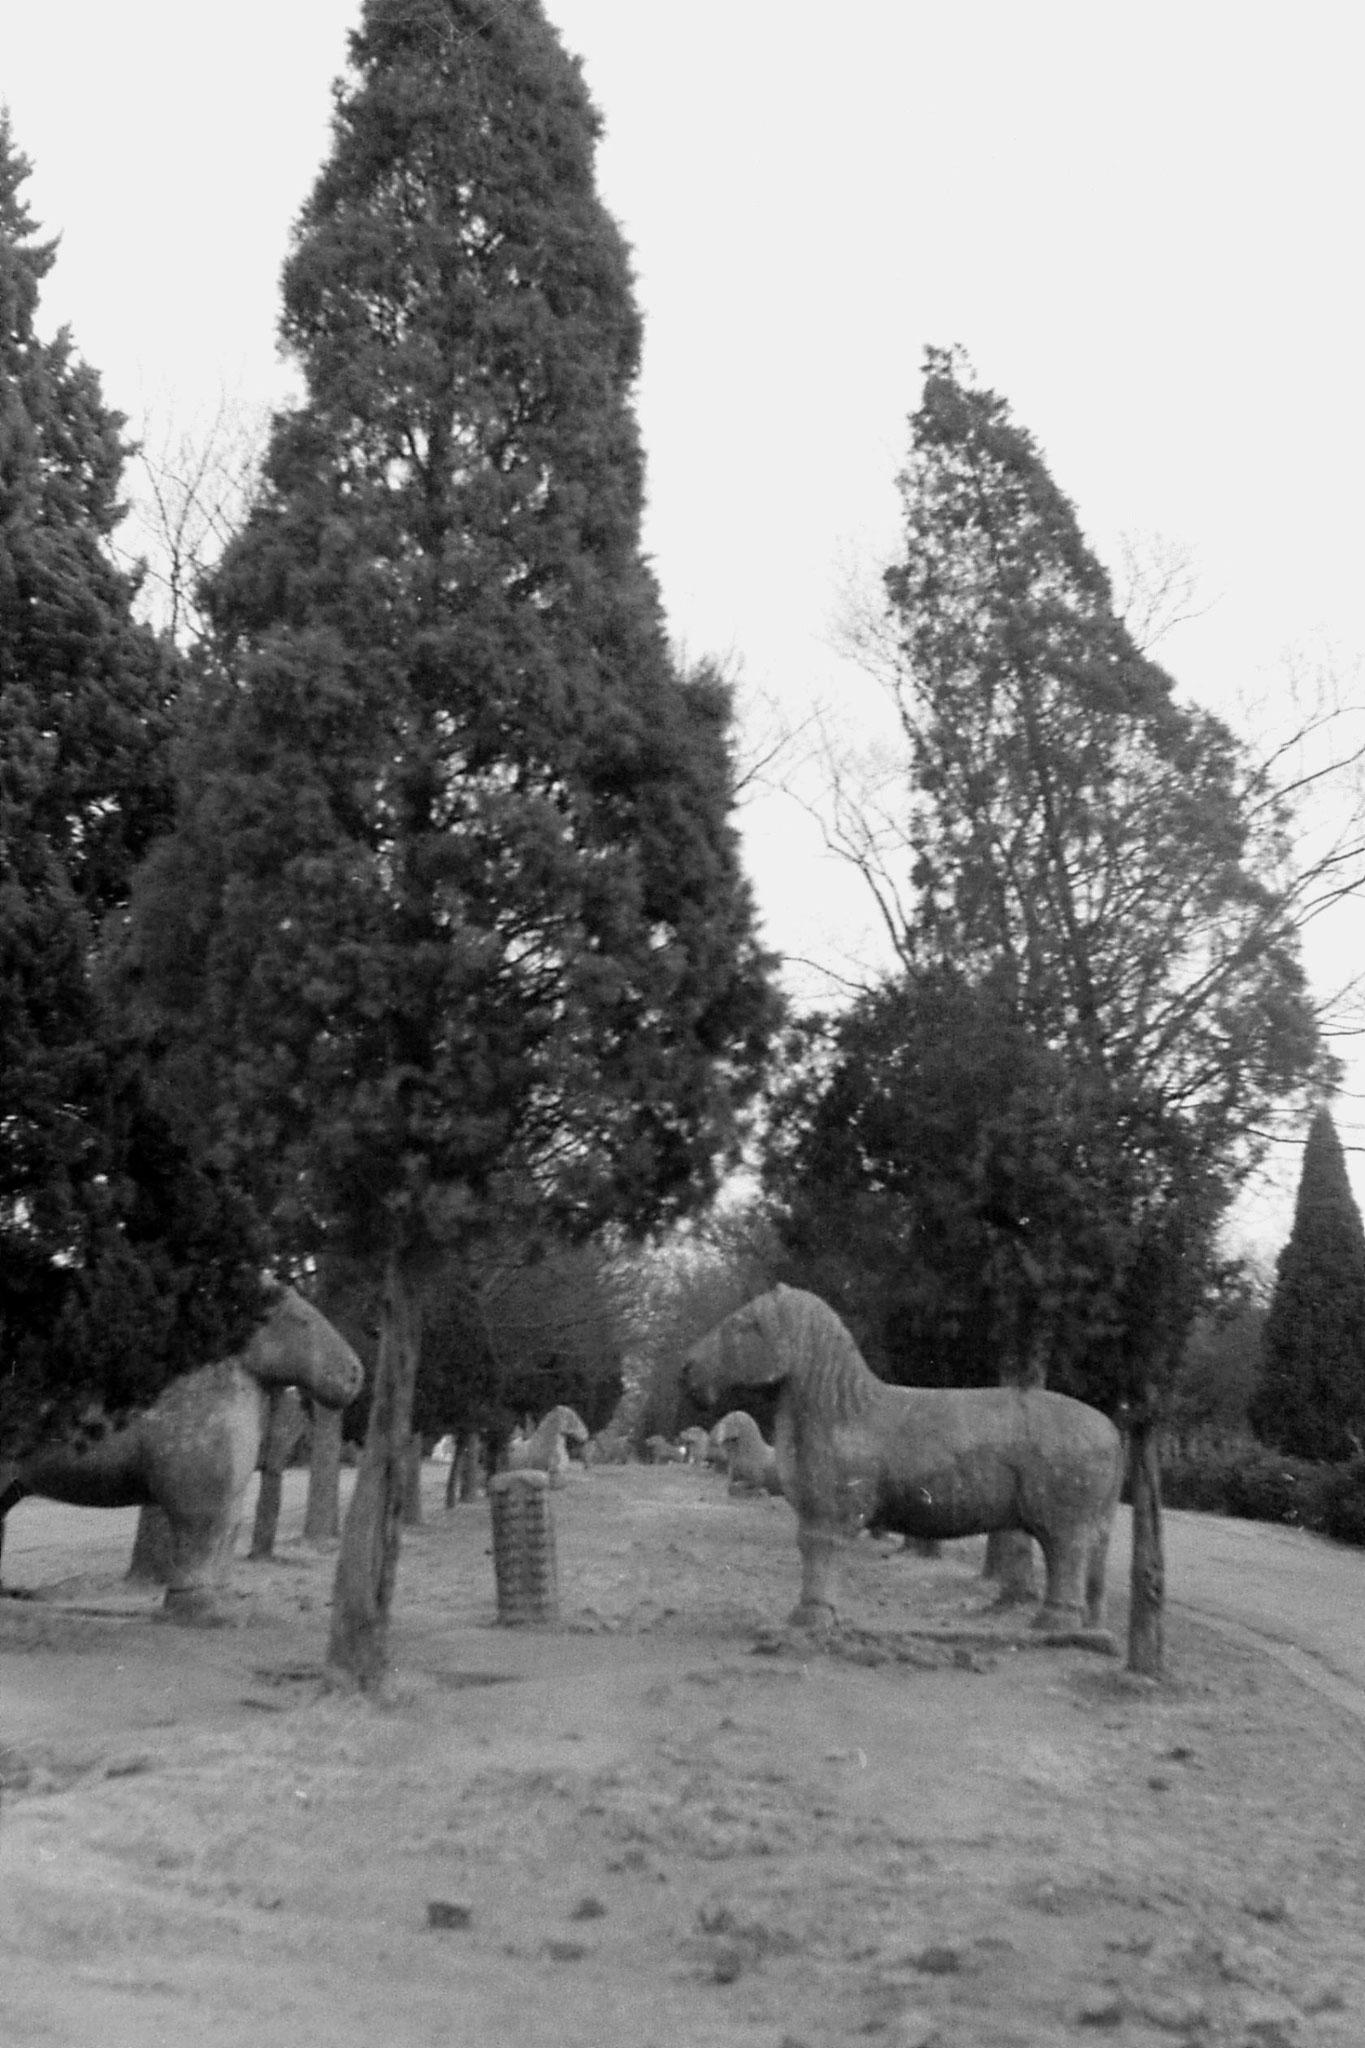 12/12/1988: 28: Nanjing, Linggu Park